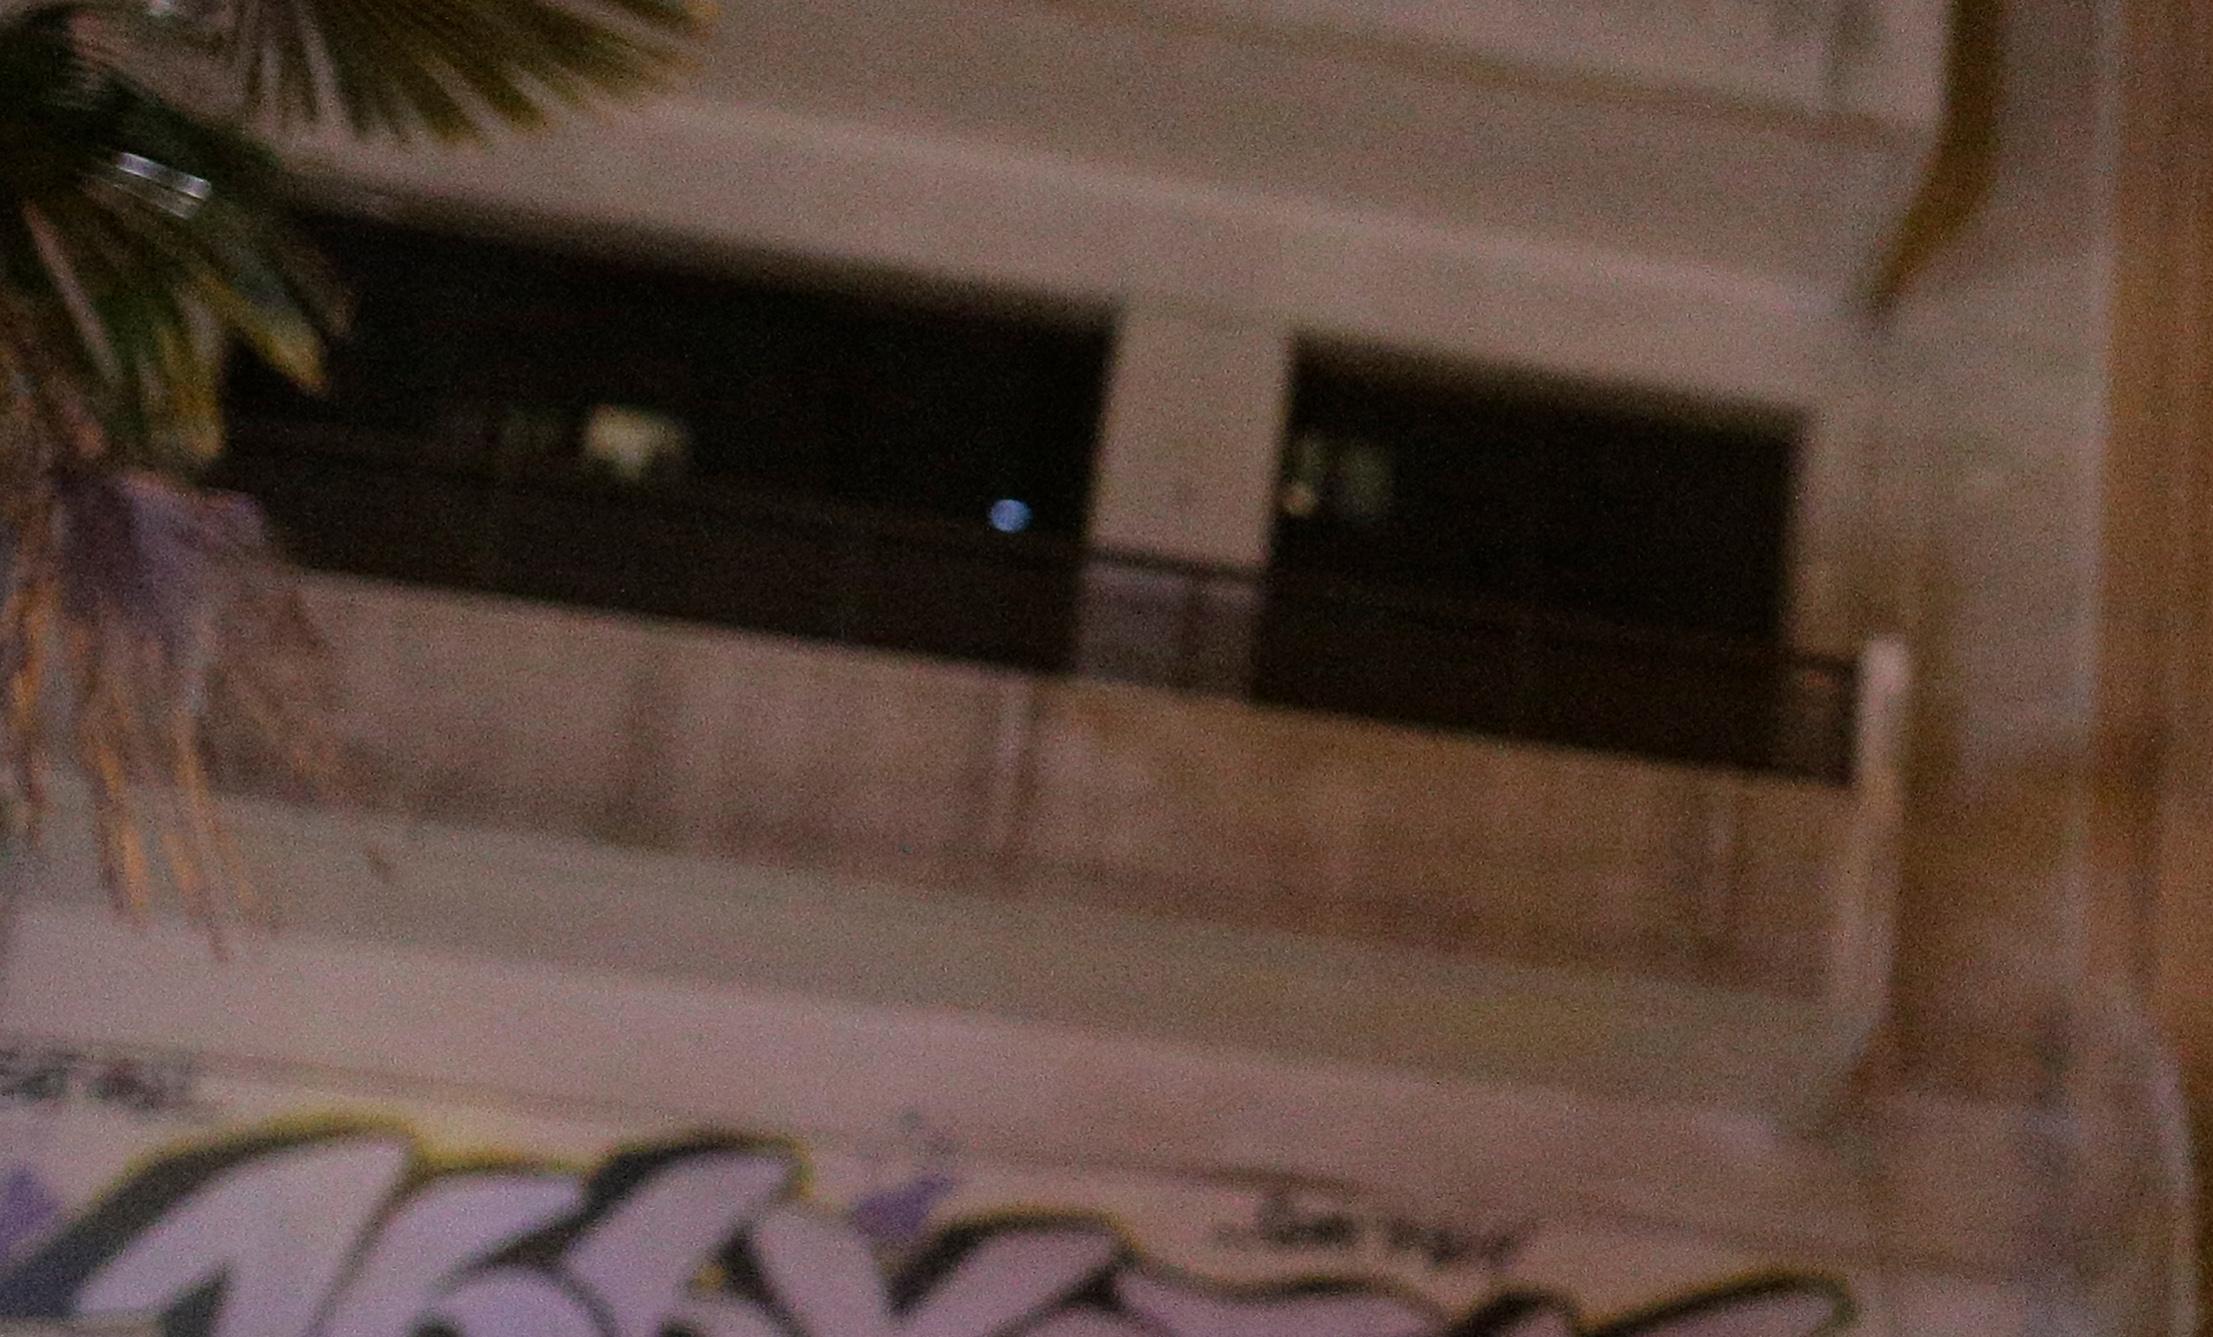 Θεσσαλονίκη: Τους έκλεβαν με πρόσχημα ένα πεσμένο ρούχο και τους έβγαζαν στο μπαλκόνι